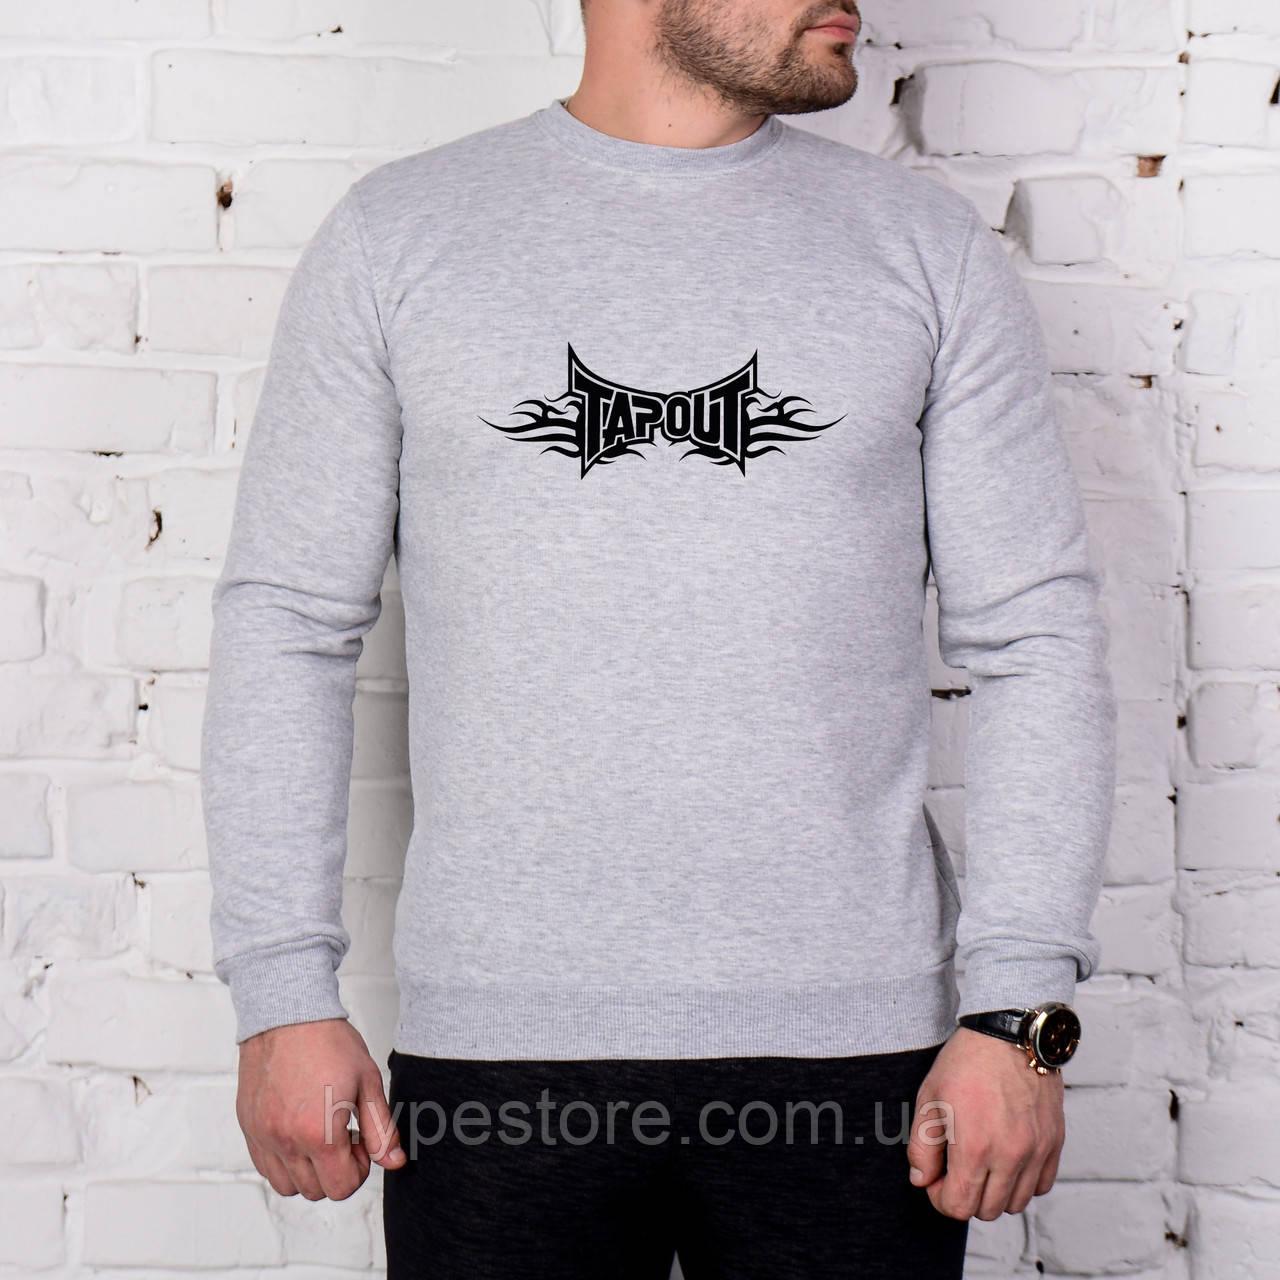 Мужской спортивный серый свитшот, кофта, лонгслив, реглан Tapout, Реплика